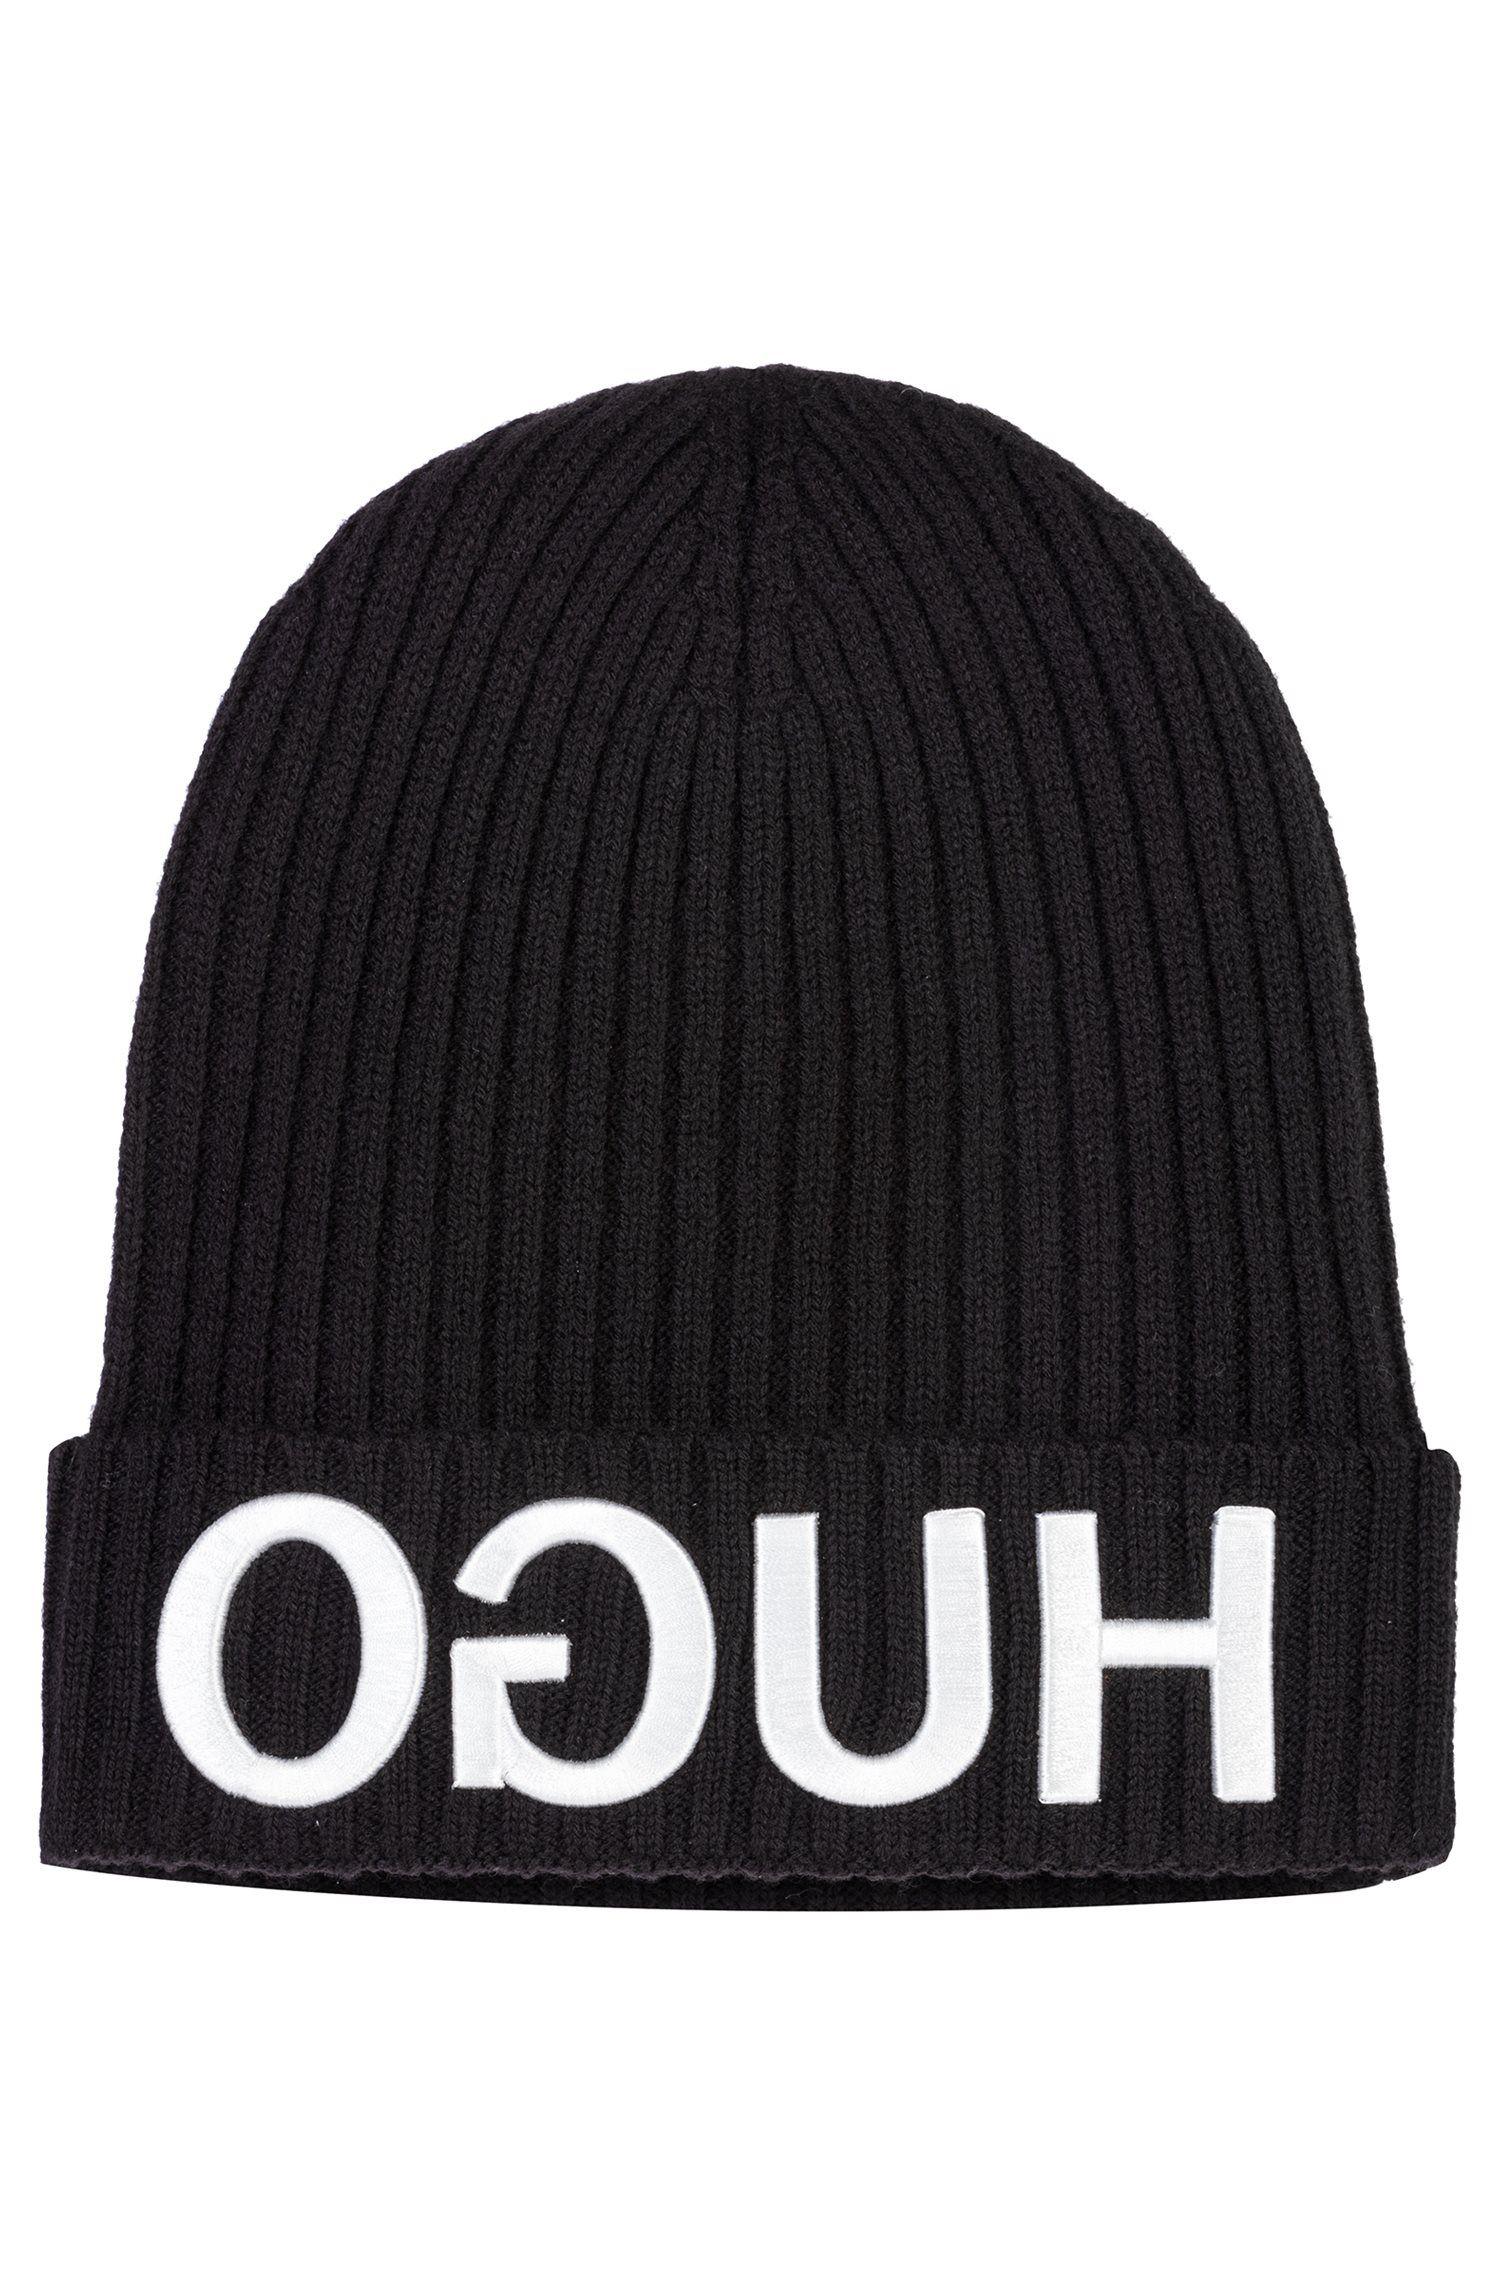 Wollmütze mit Reversed-Logo in 3D-Optik, Schwarz